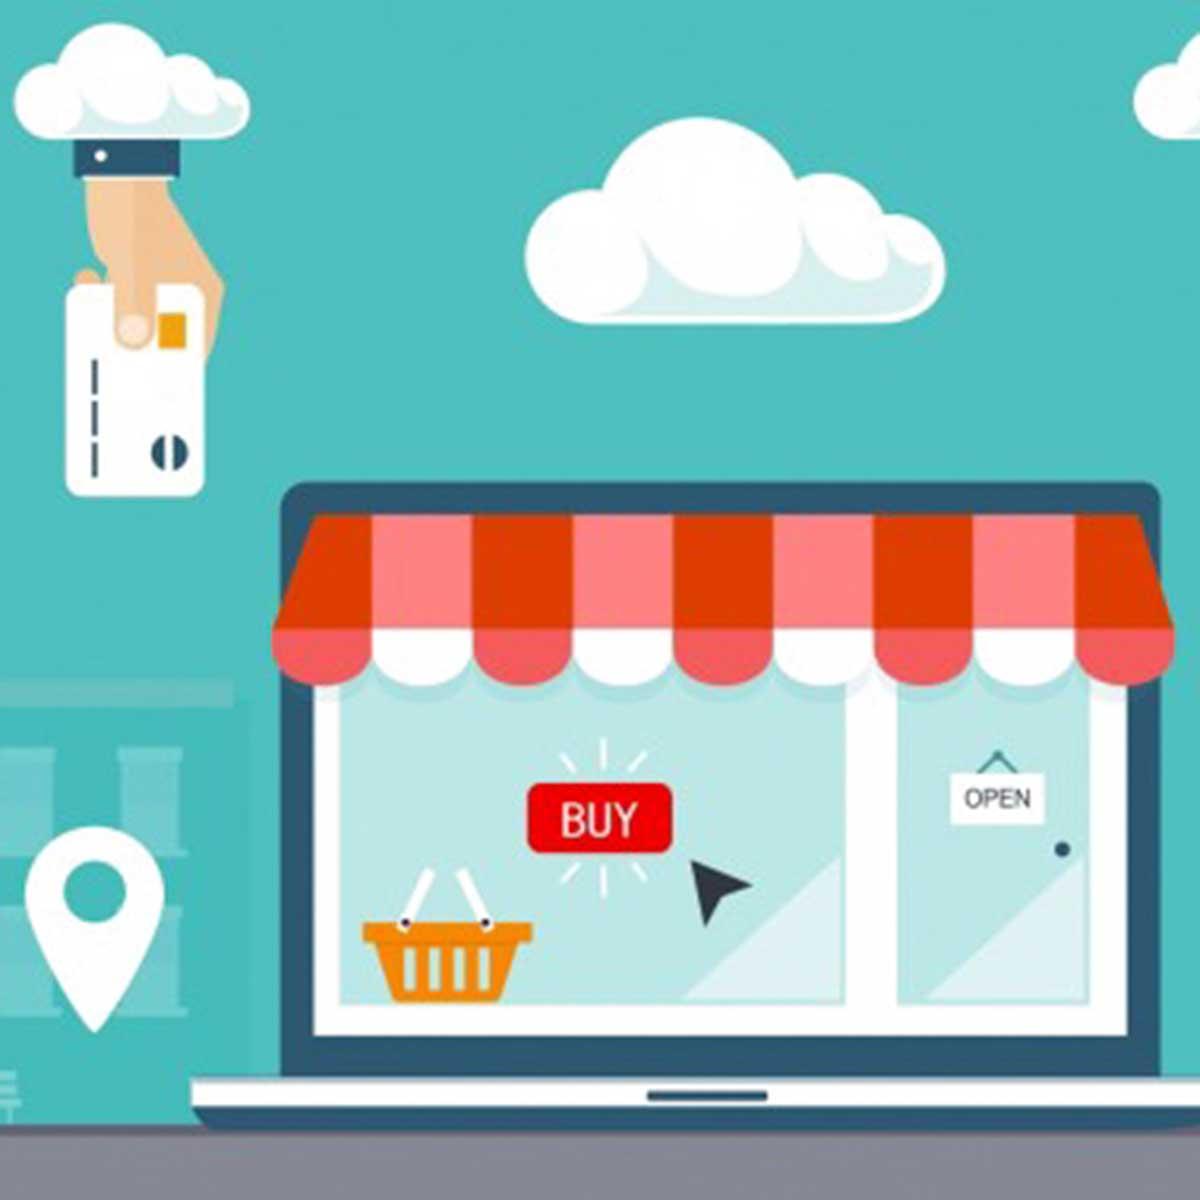 ASEV organizza un corso online per aprire e gestire un negozio: online e offline